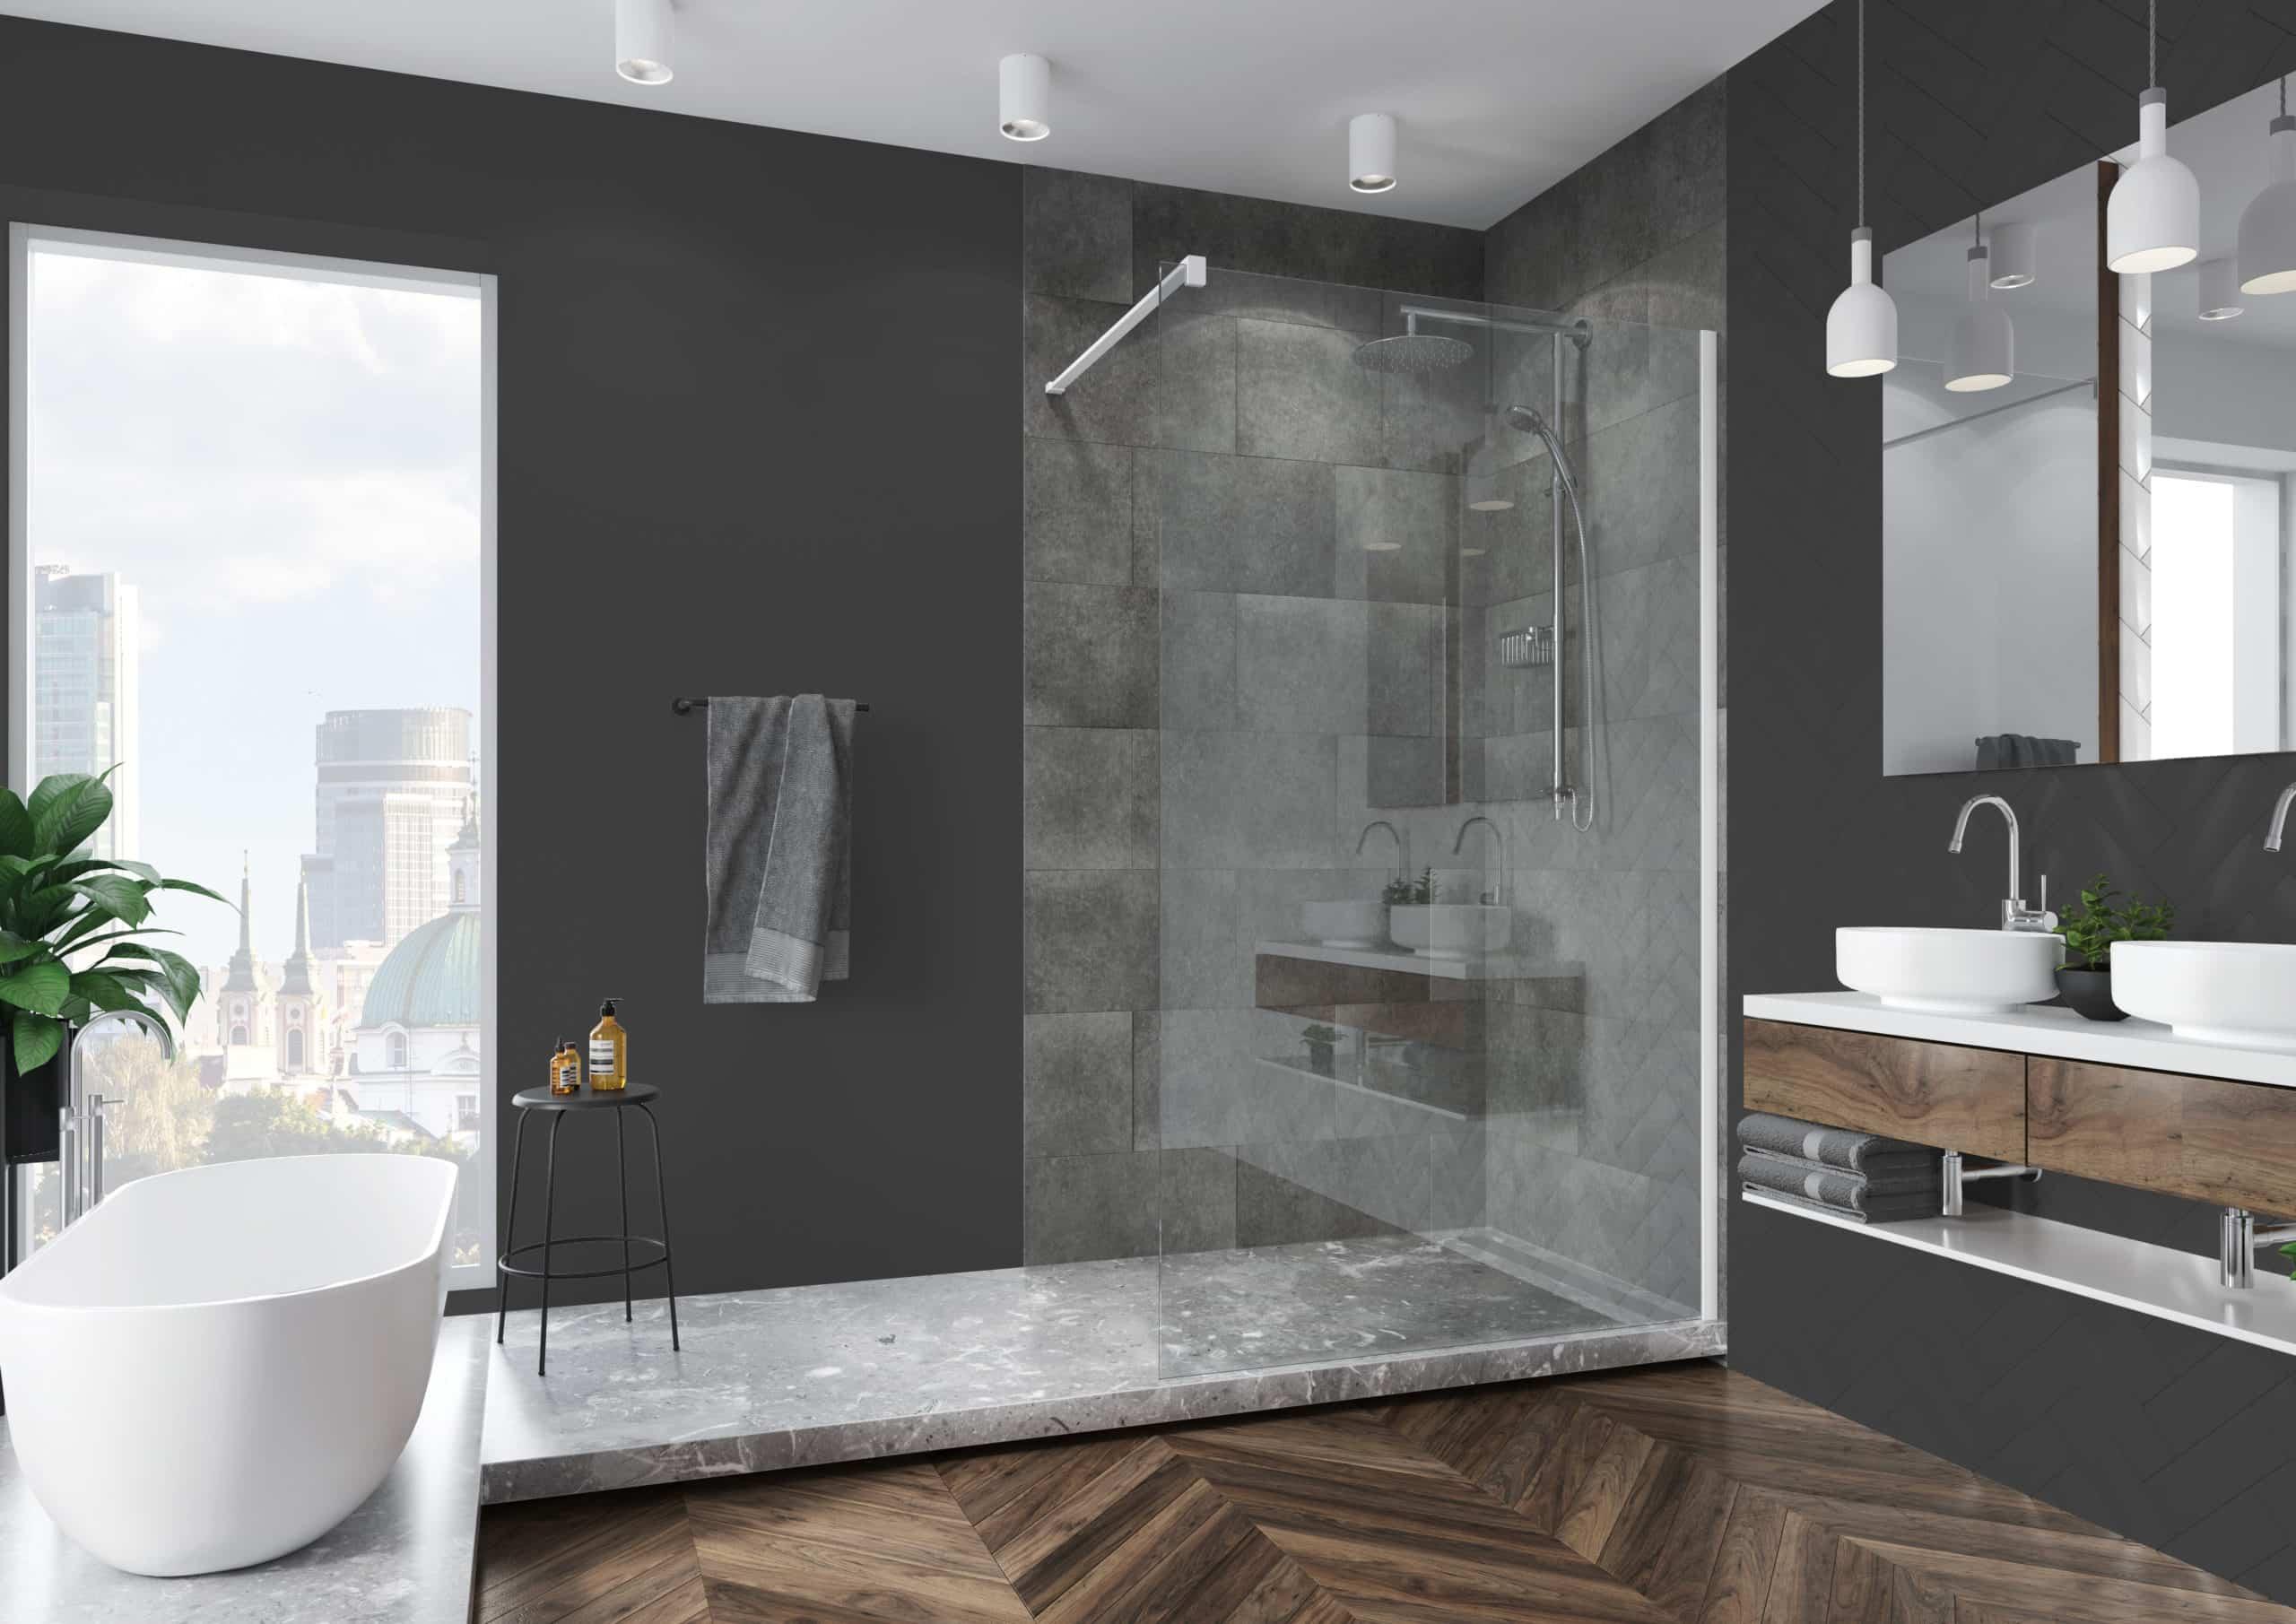 BLU salony łazienek: IÖ Eno – minimalizm i wygoda 1